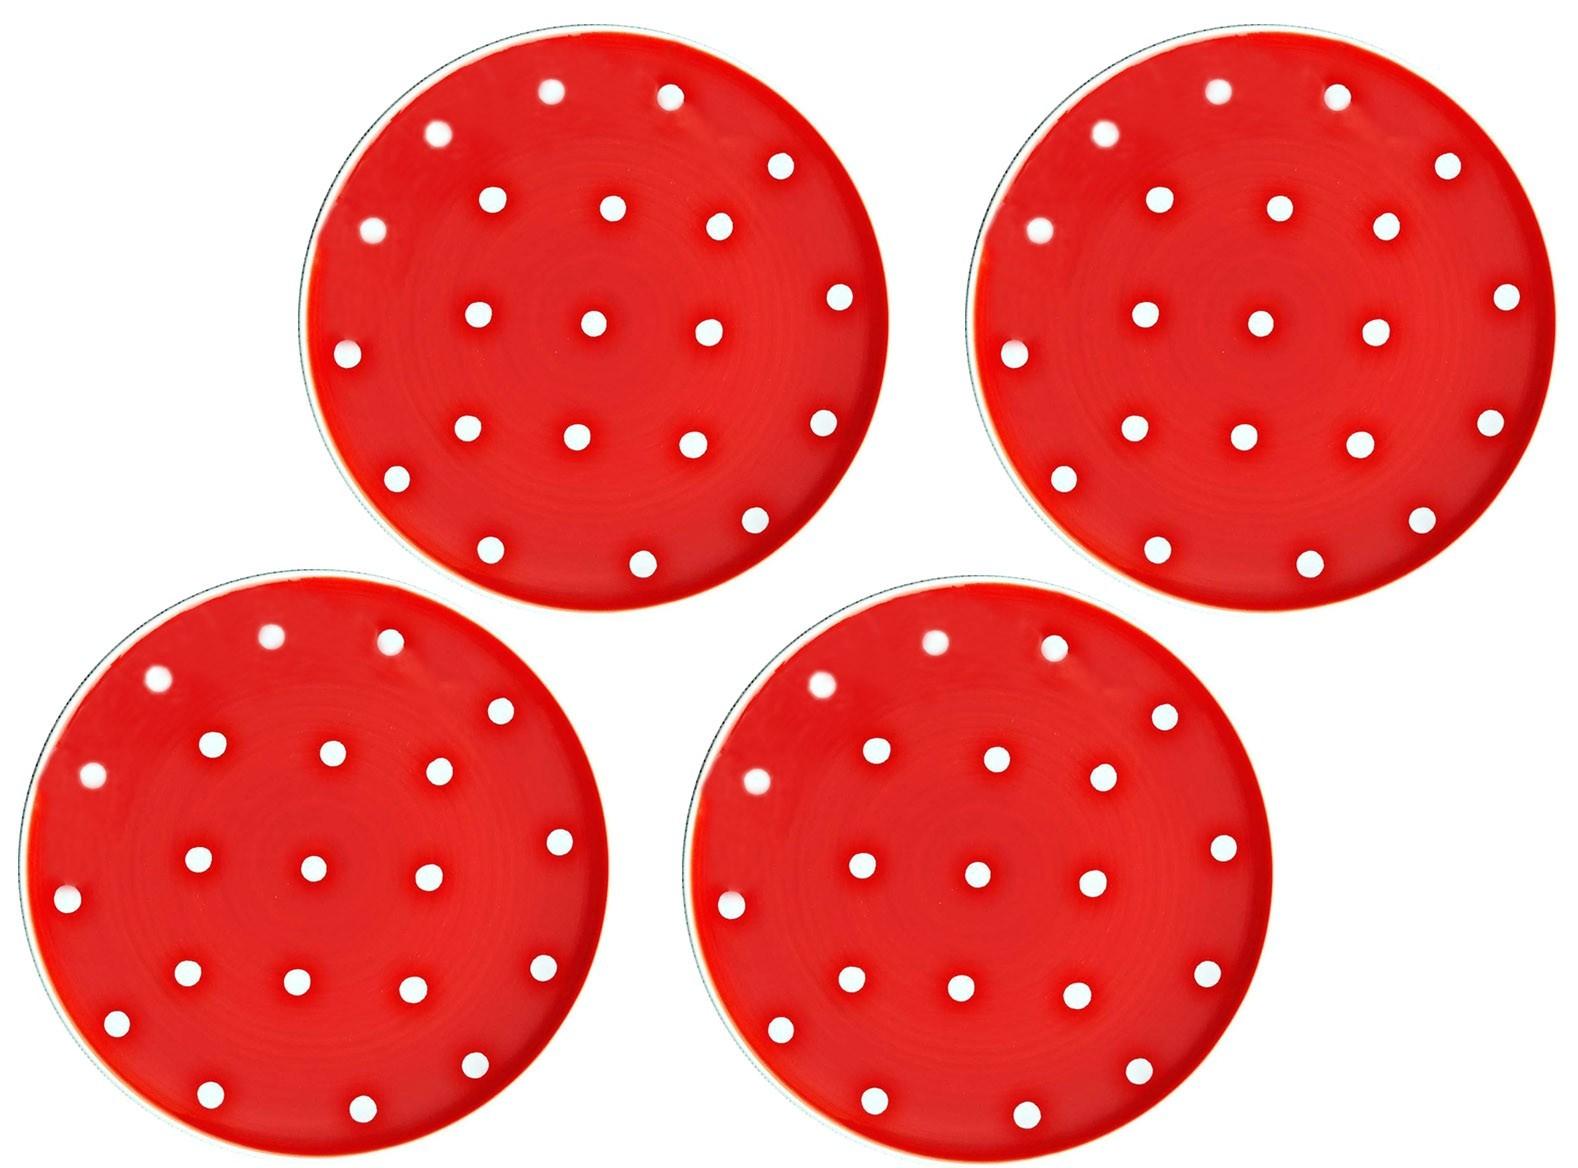 bc0be2d0c914 Sada 4x červený dezertní talířek s puntíky - Ø 20cm - Ručně malované